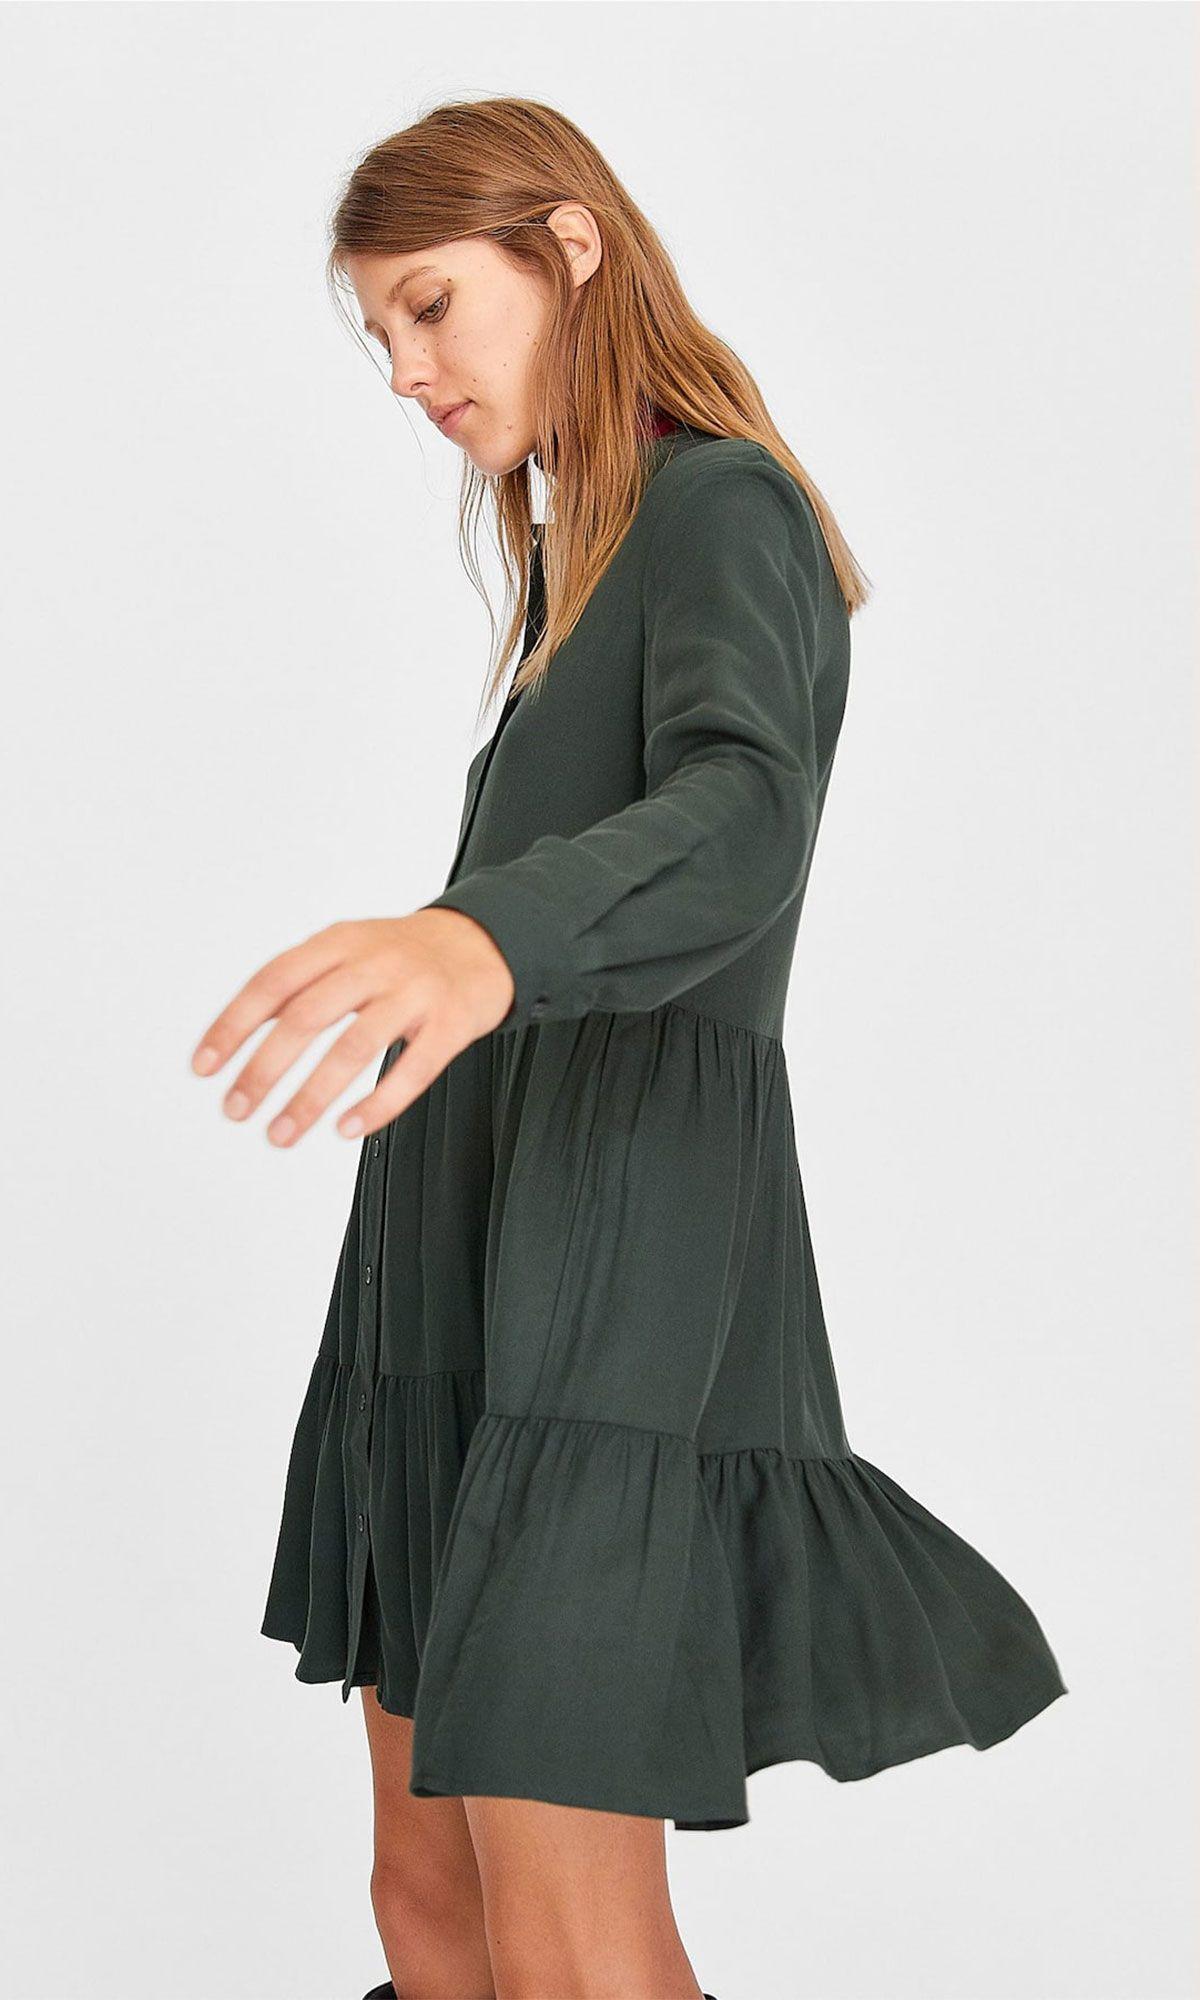 estilo de moda más baratas información para Dicen en Stradivarius con este vestido corto tienes EL LOOK